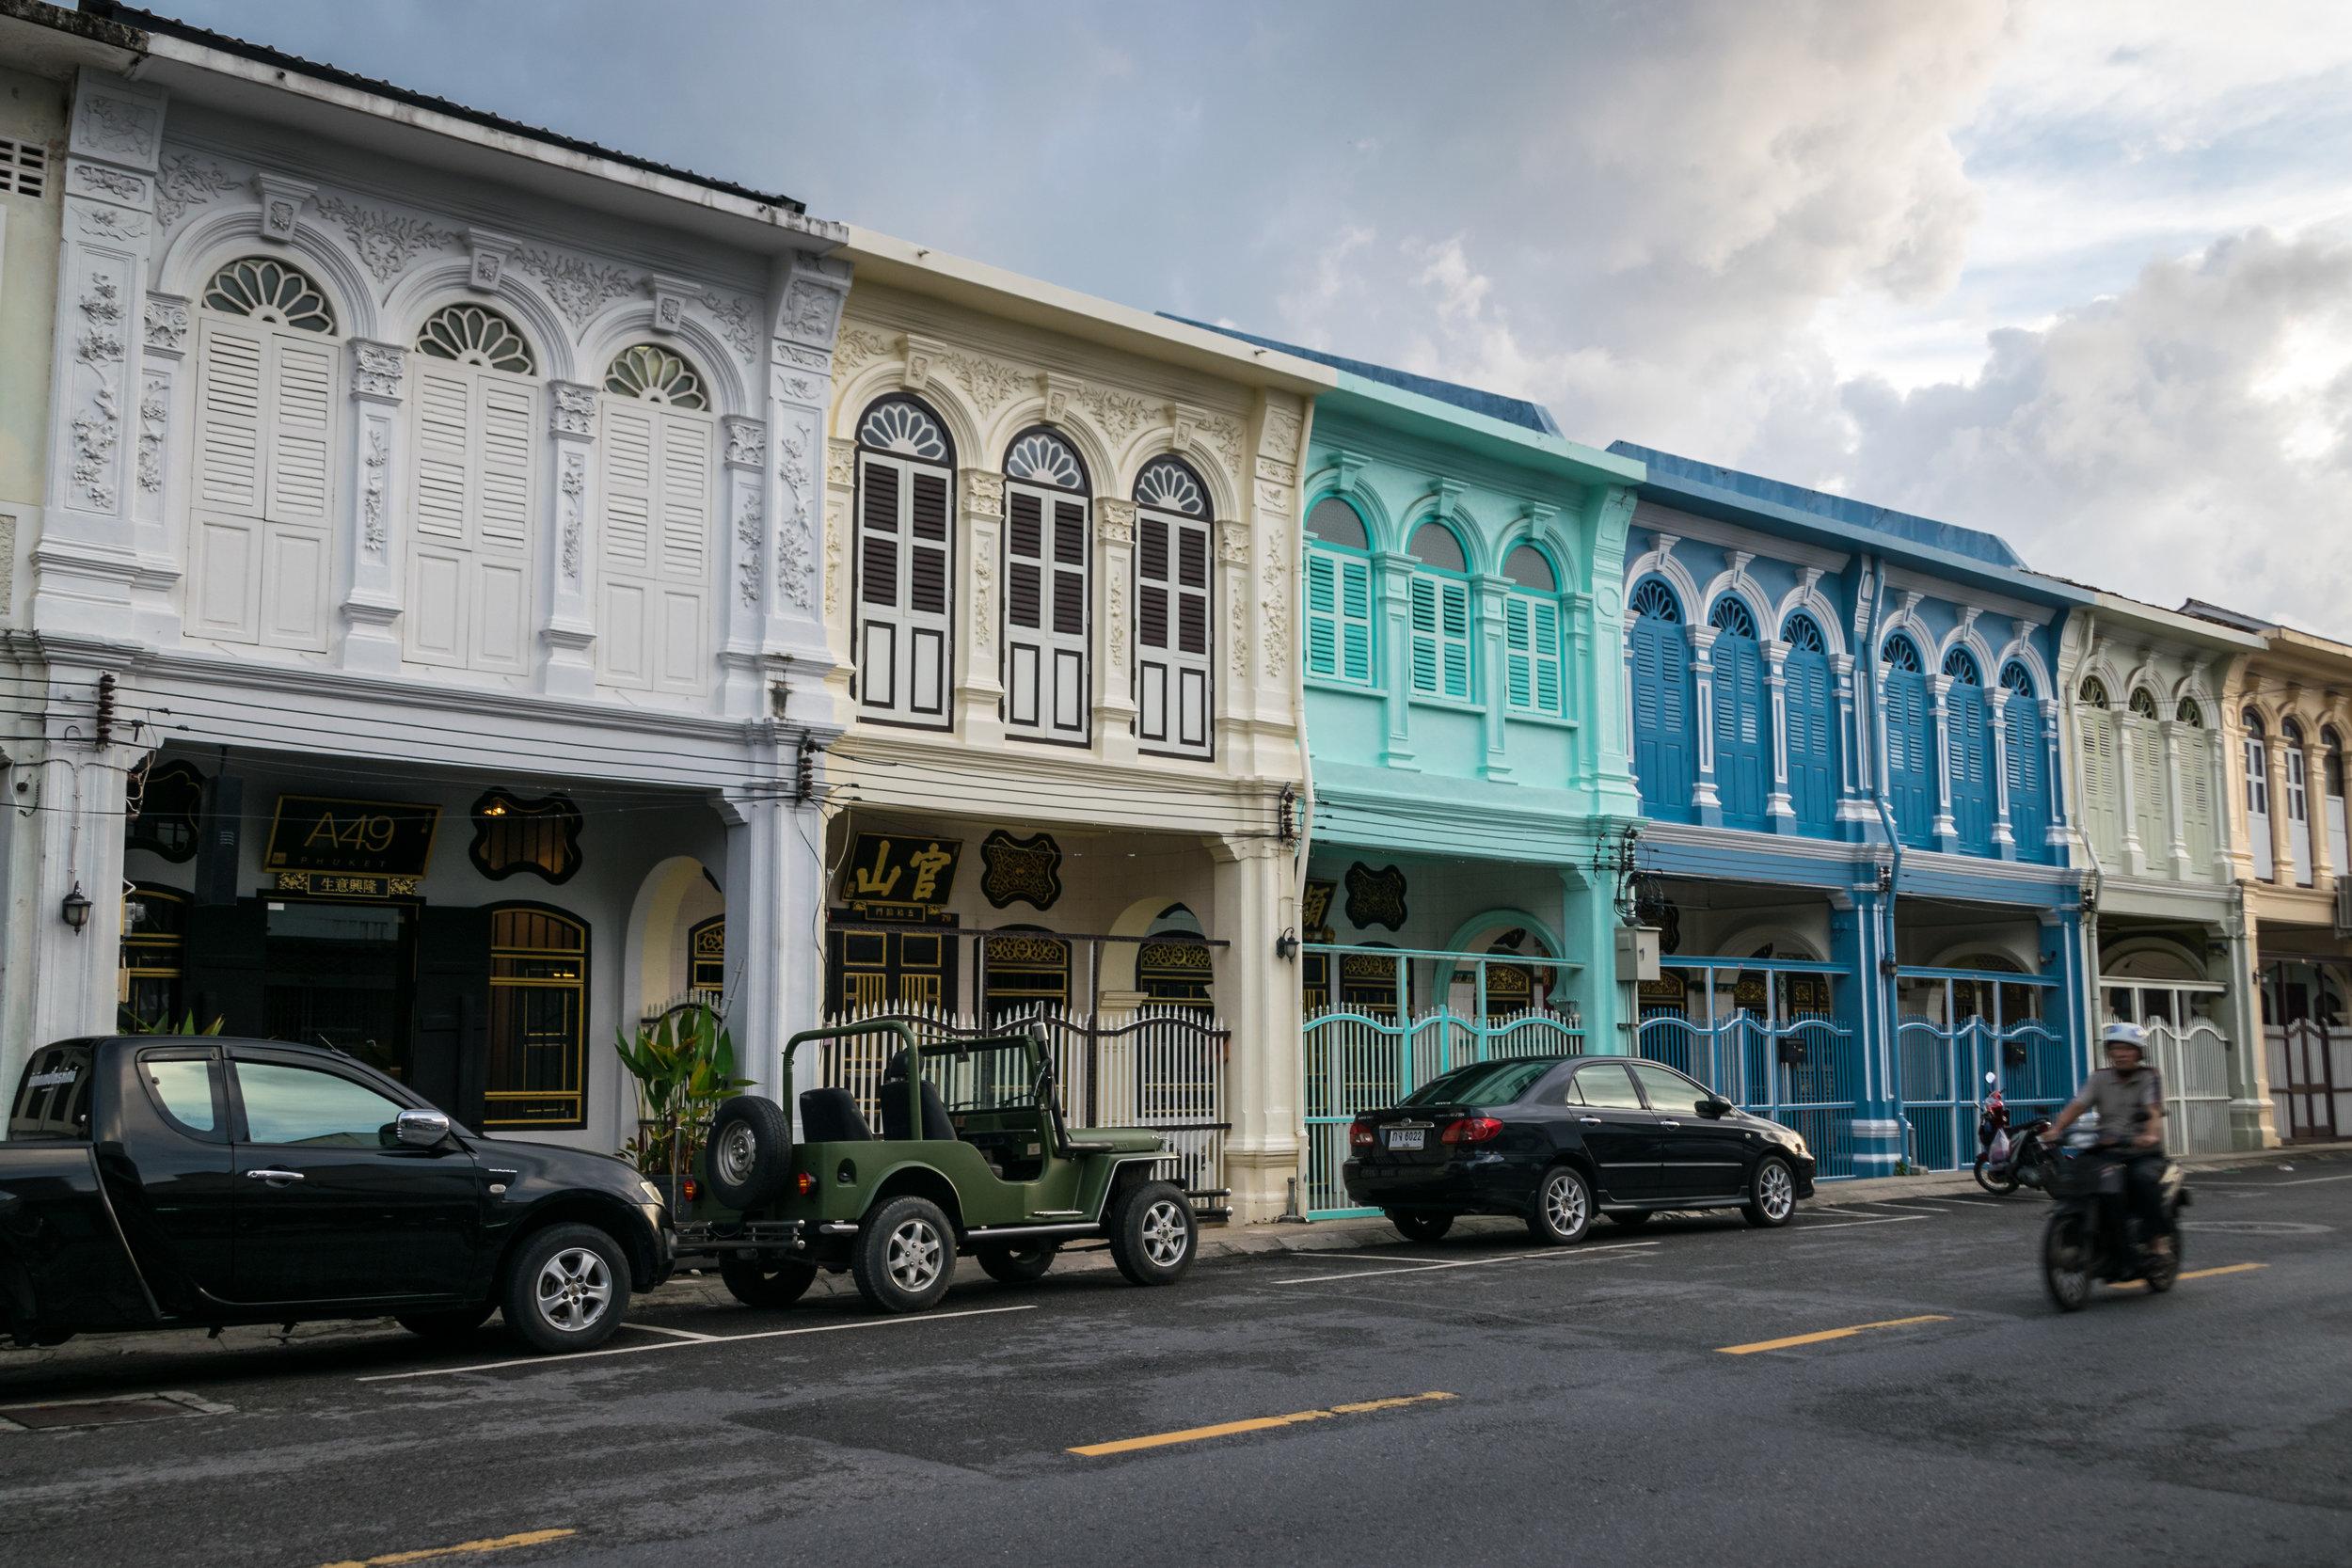 Phuket Old Town buildings-3.jpg